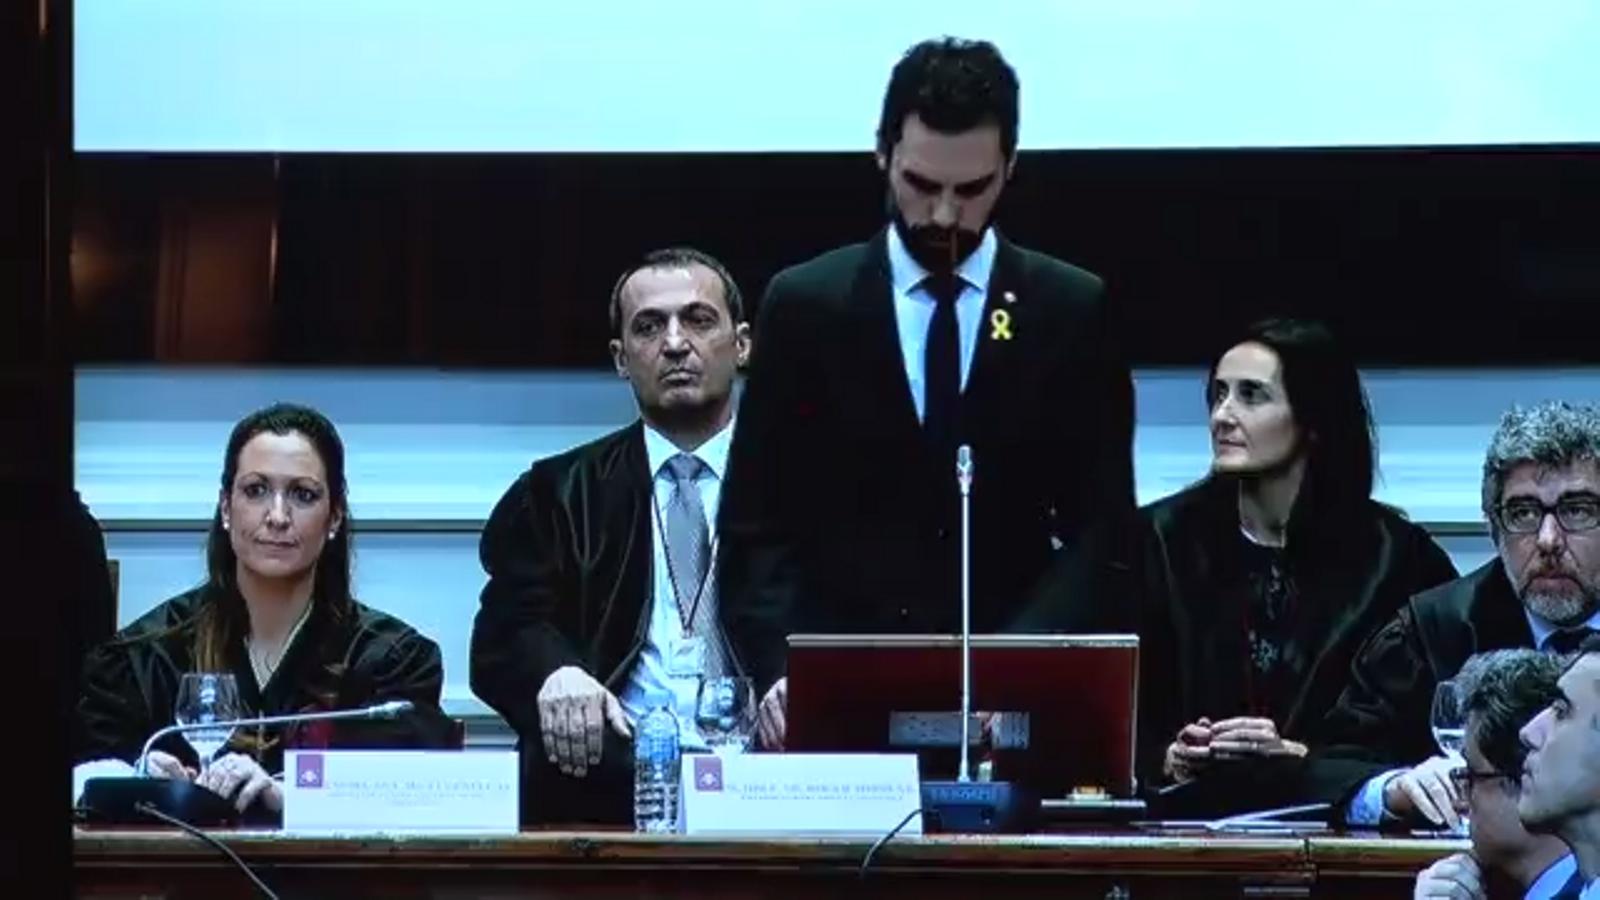 El president del Parlament, Roger Torrent, denuncia l'existència de presos polítics i diversos representants del món jurídic el planten